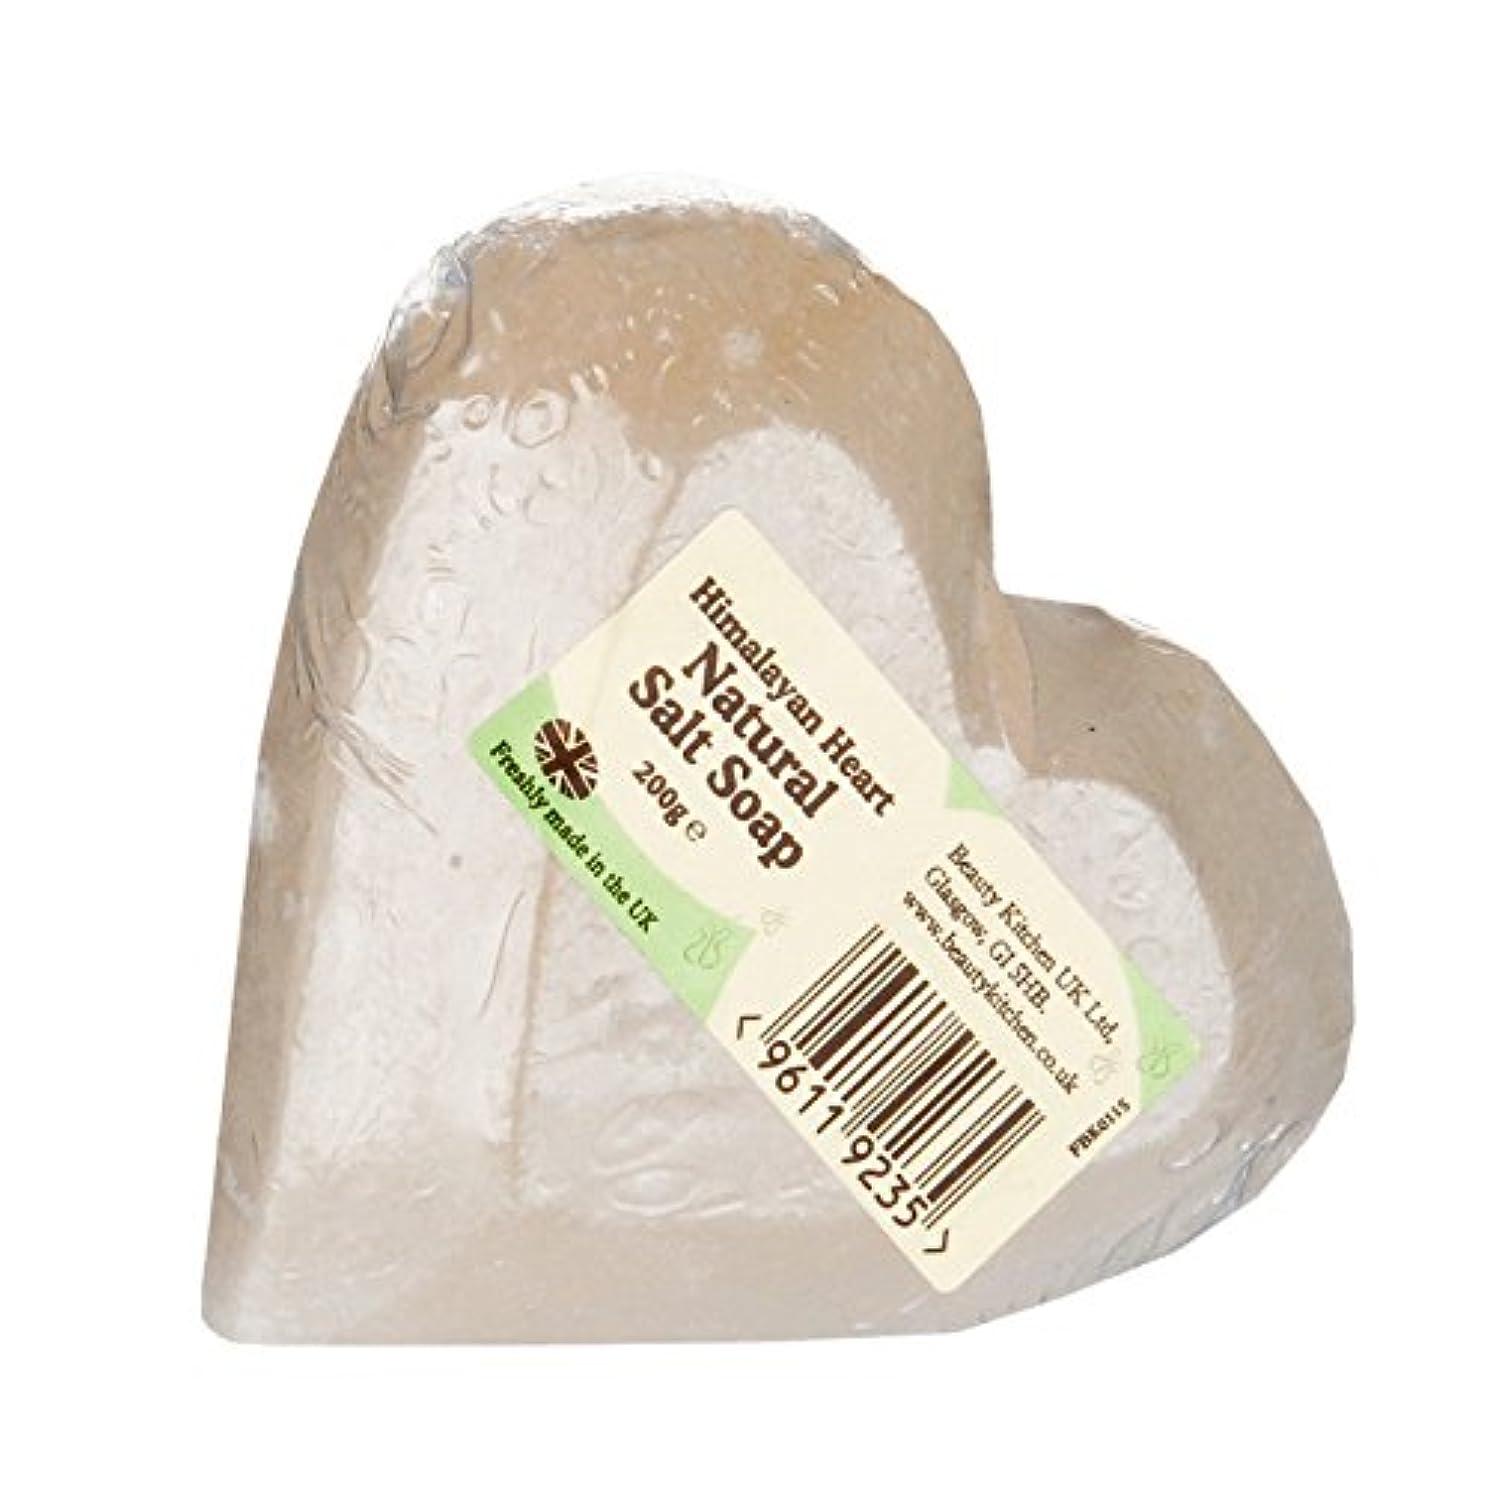 グリース作りますラインBeauty Kitchen Himalayan Heart Soap 200g (Pack of 2) - 美容キッチンヒマラヤンハートソープ200グラム (x2) [並行輸入品]